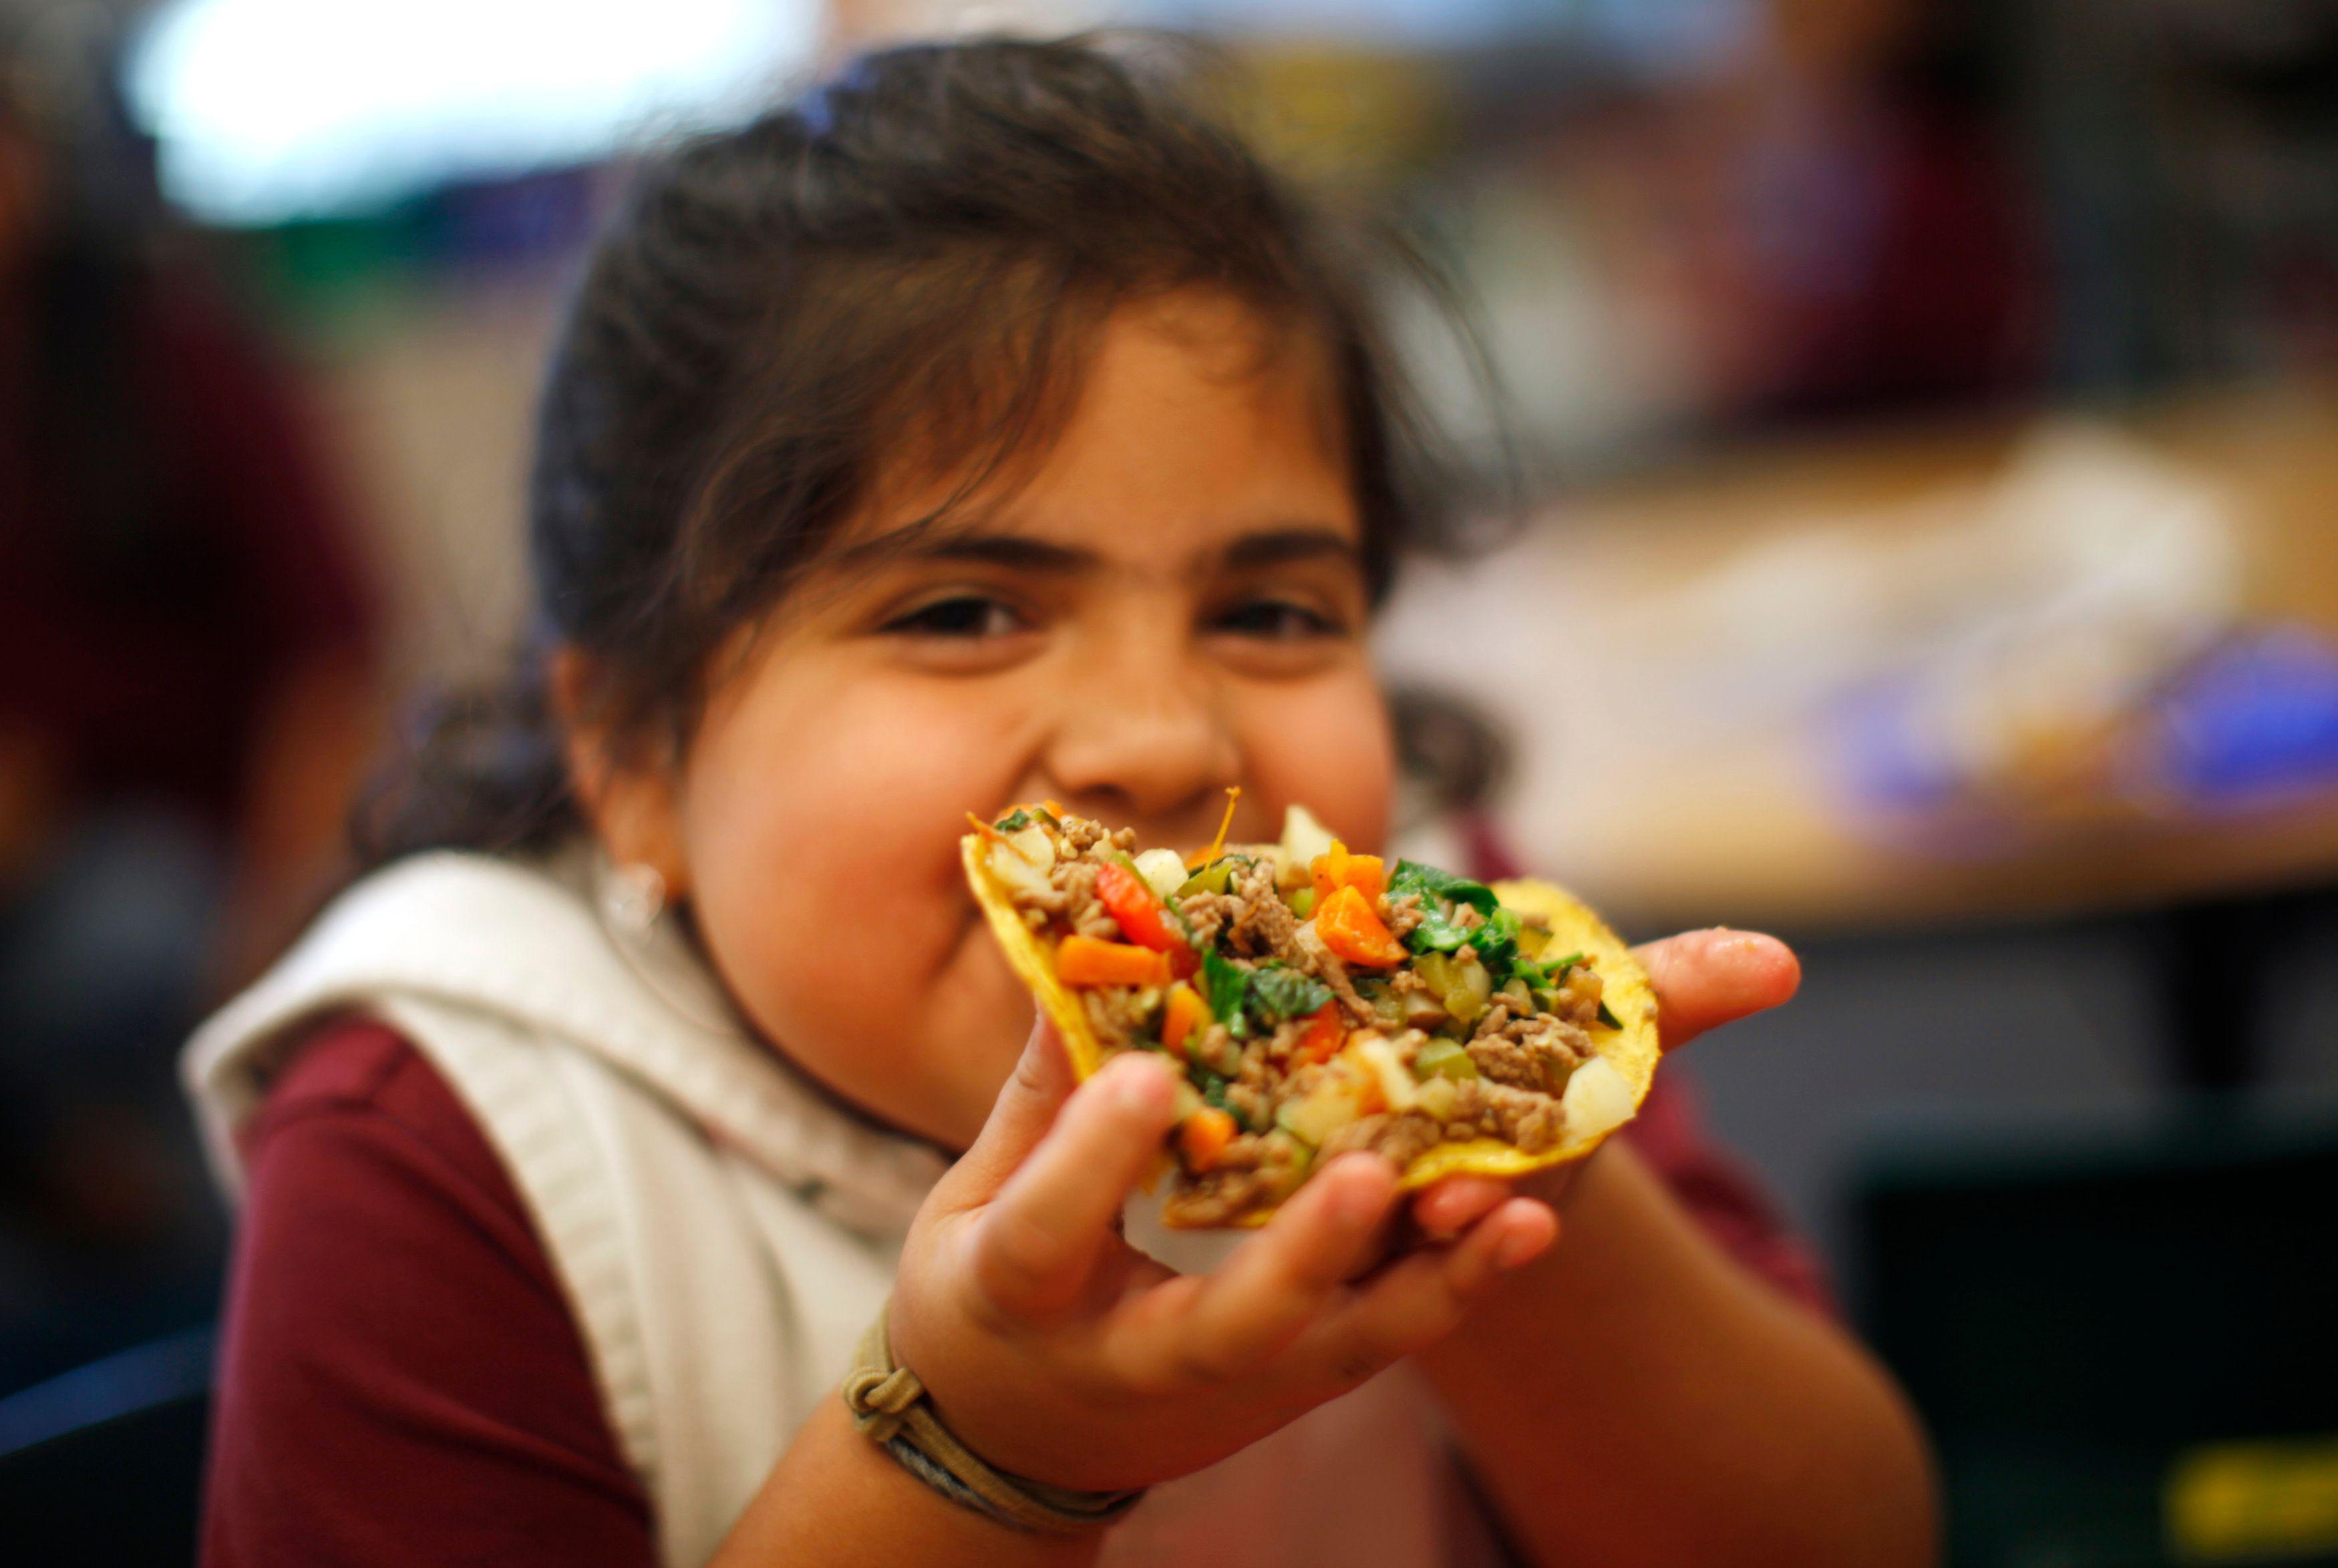 La ville d'Amsterdam part en croisade contre l'obésité infantile